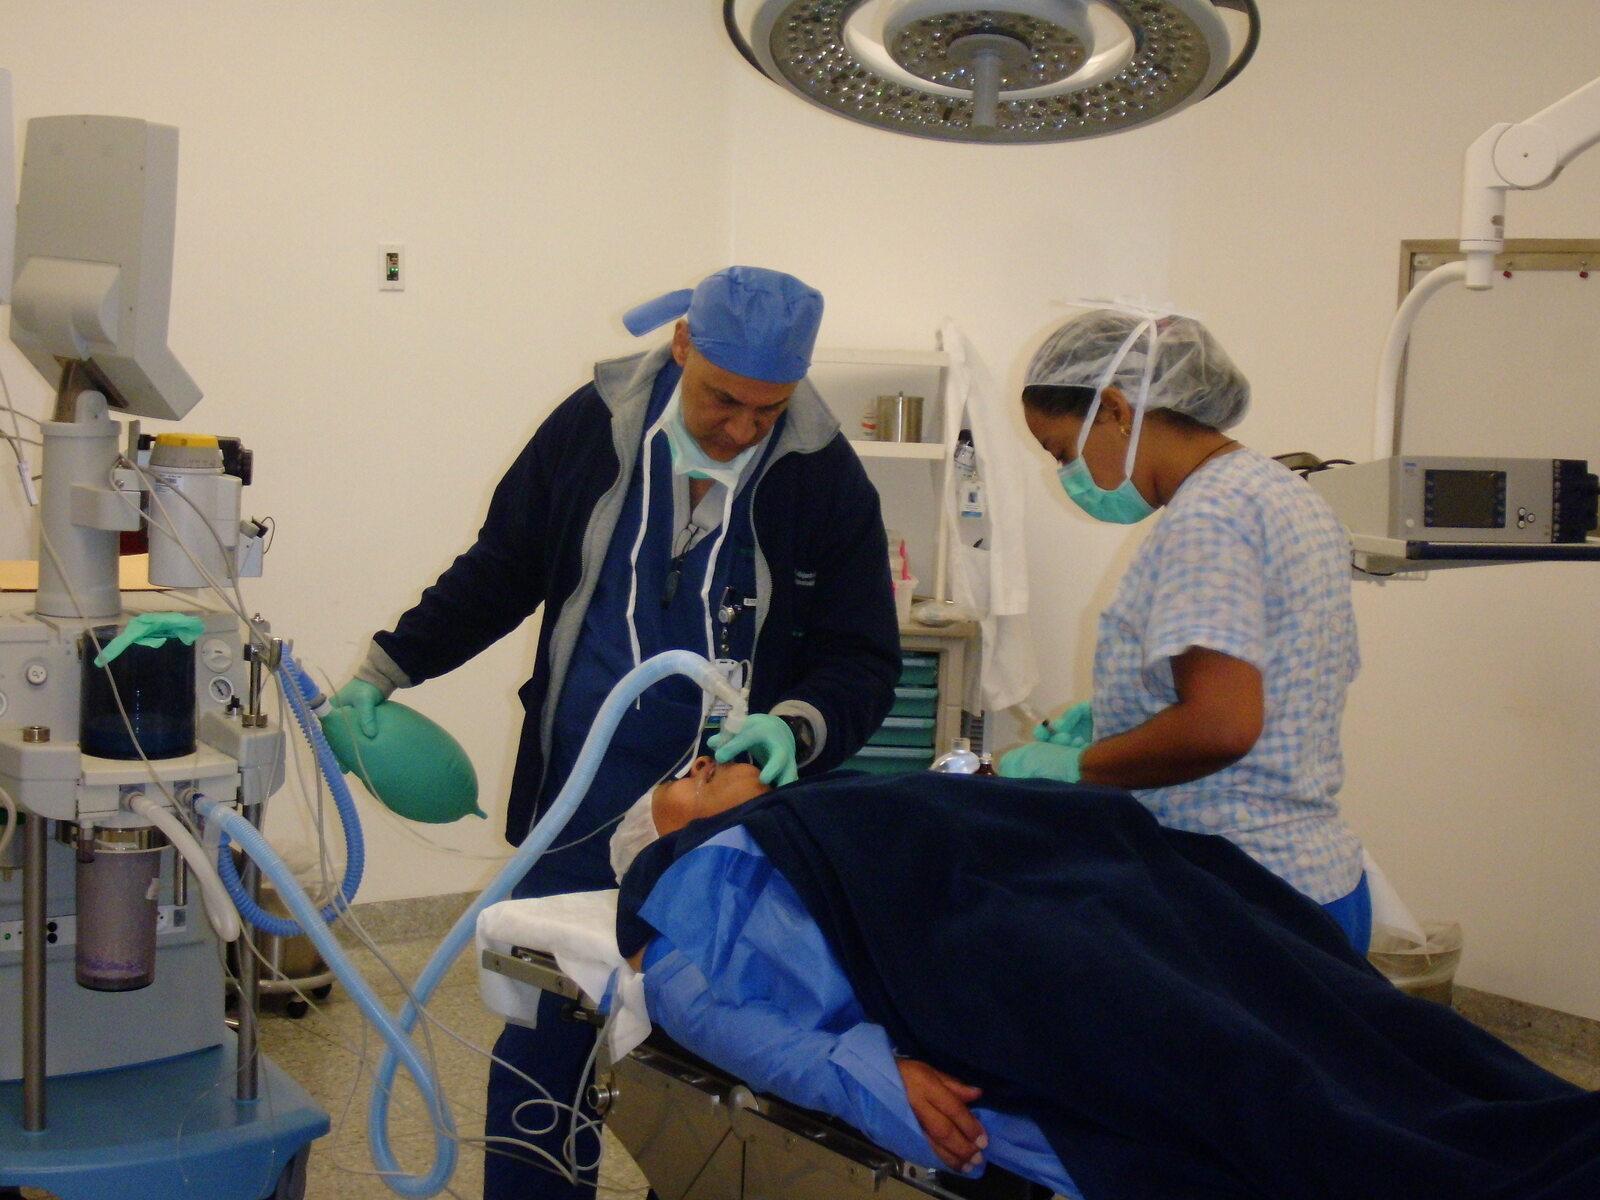 Procedimiento quirúrgico mediante convenio con la Dirección de Medicina Comunitaria - Dr. Alejandro Salazar